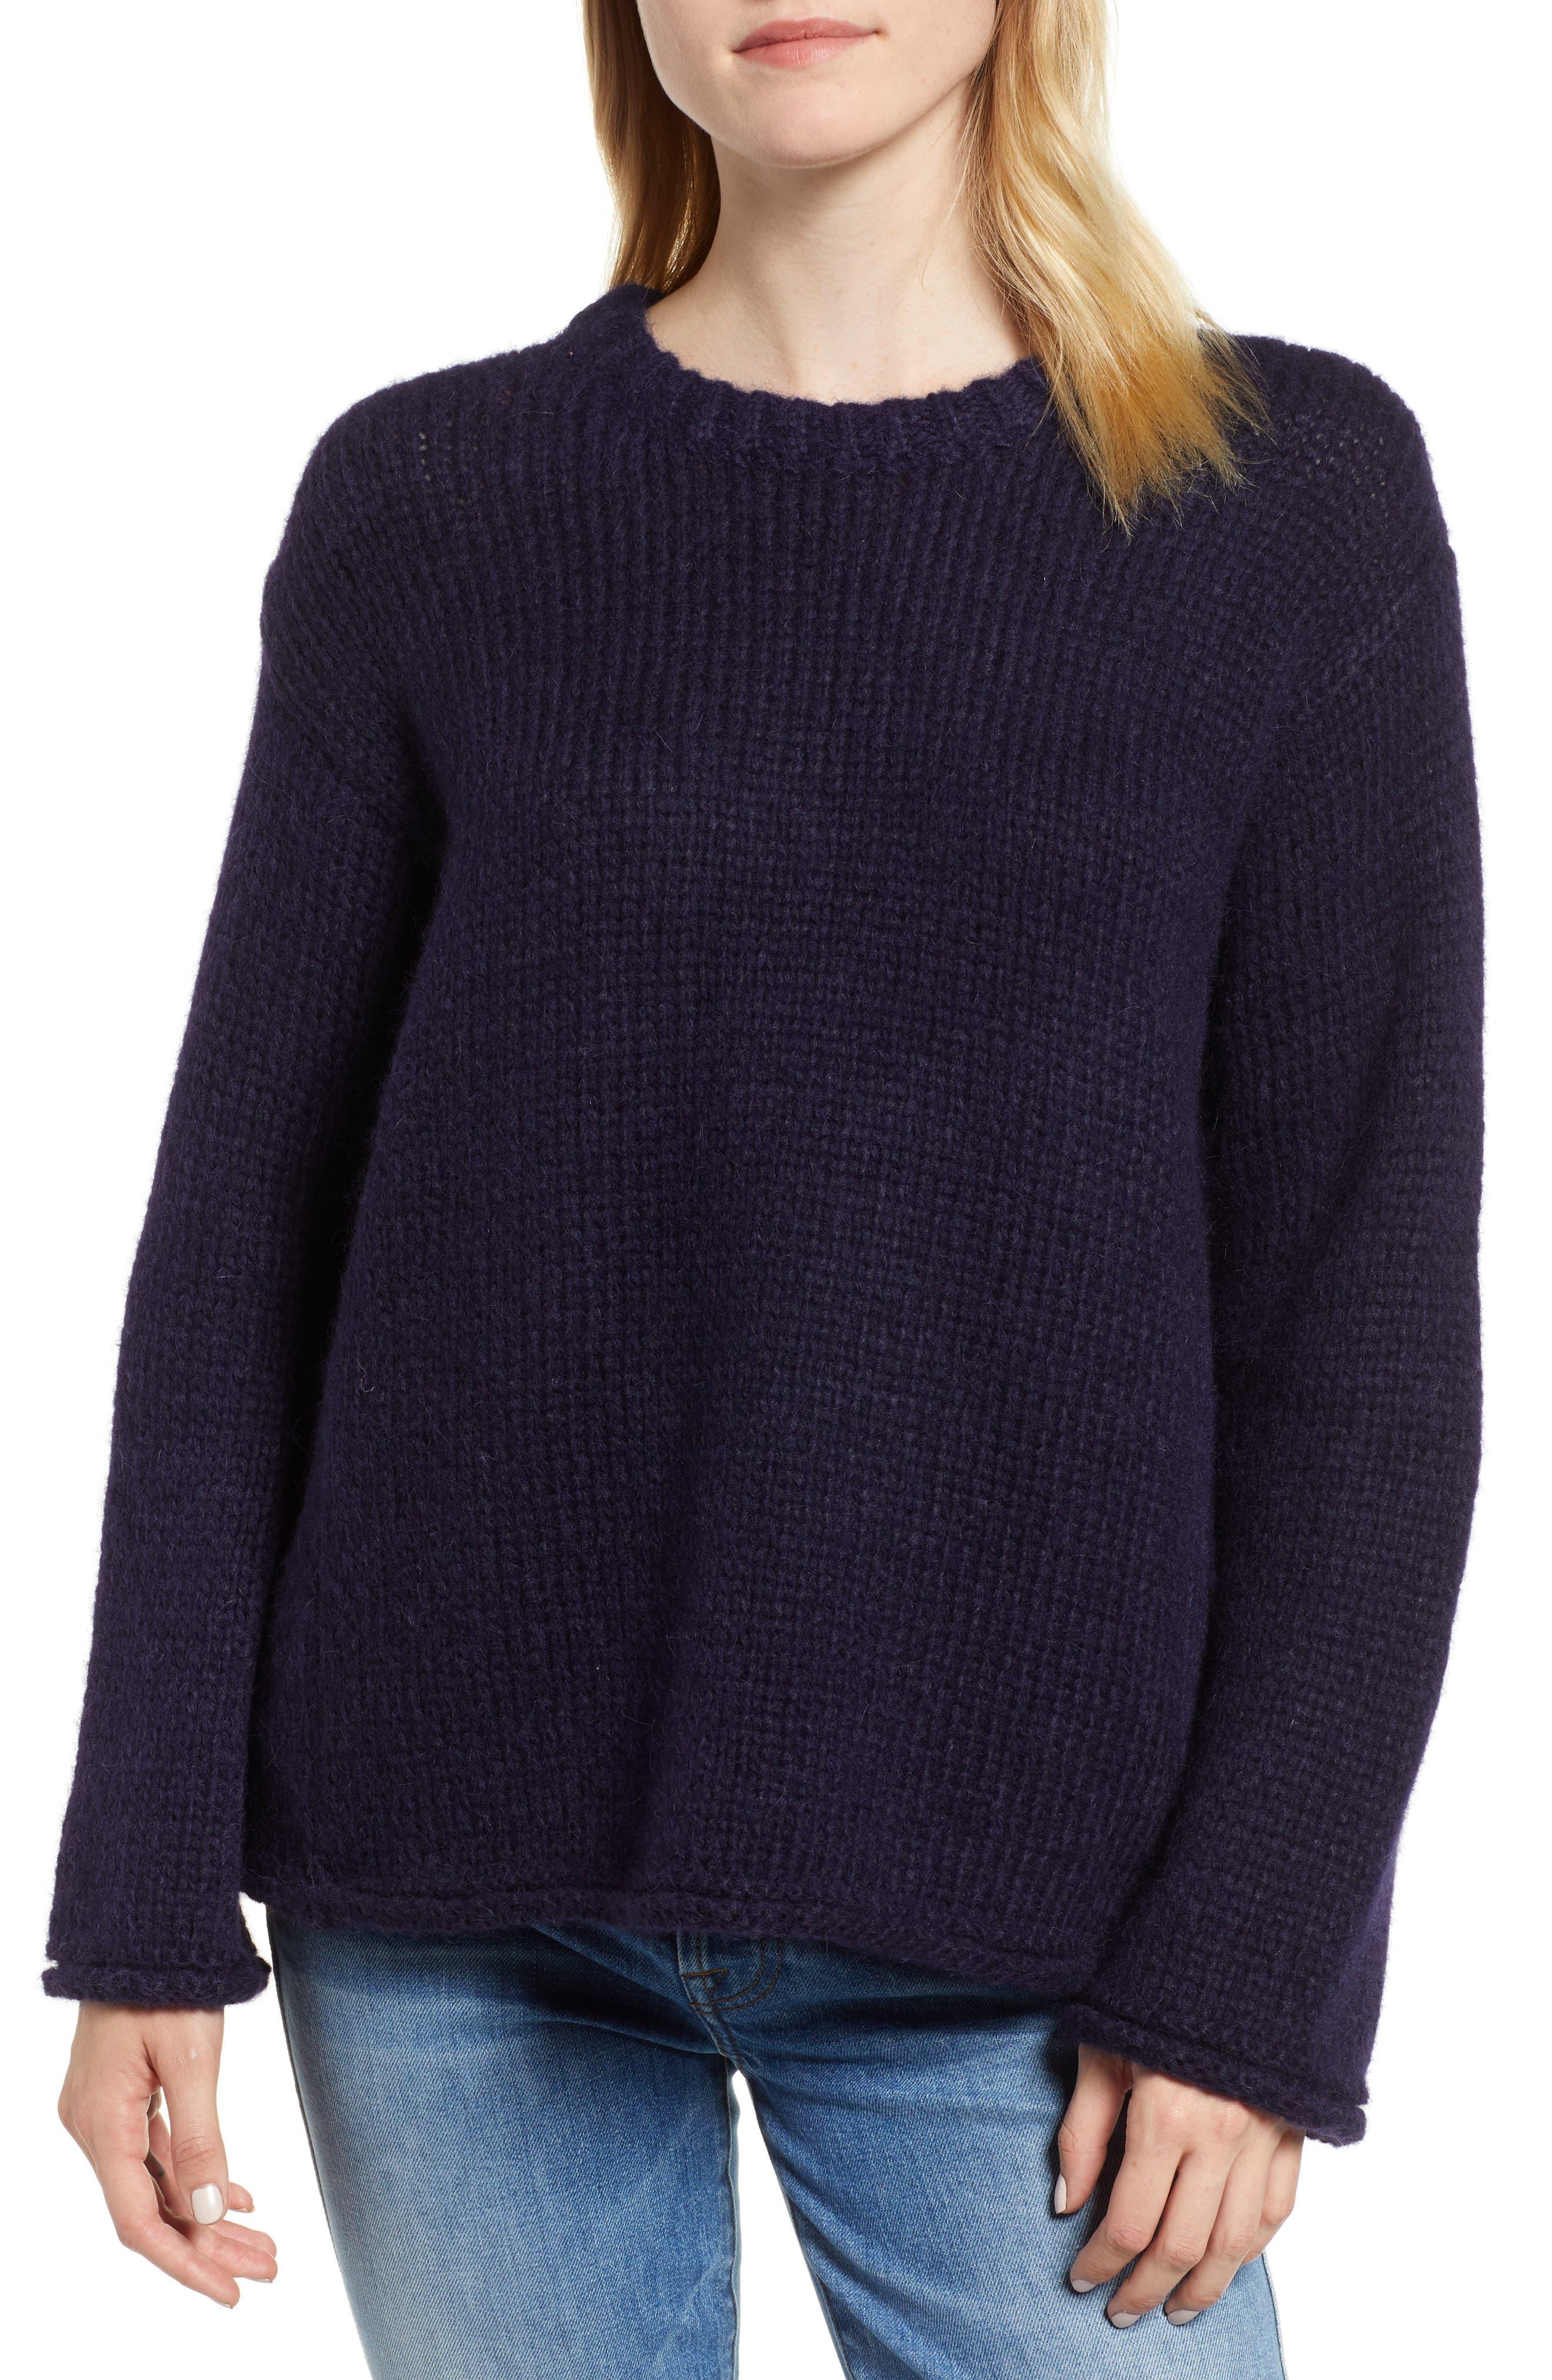 573646ef0673 Velvet by Graham   Spencer  Women s   Men s Clothing